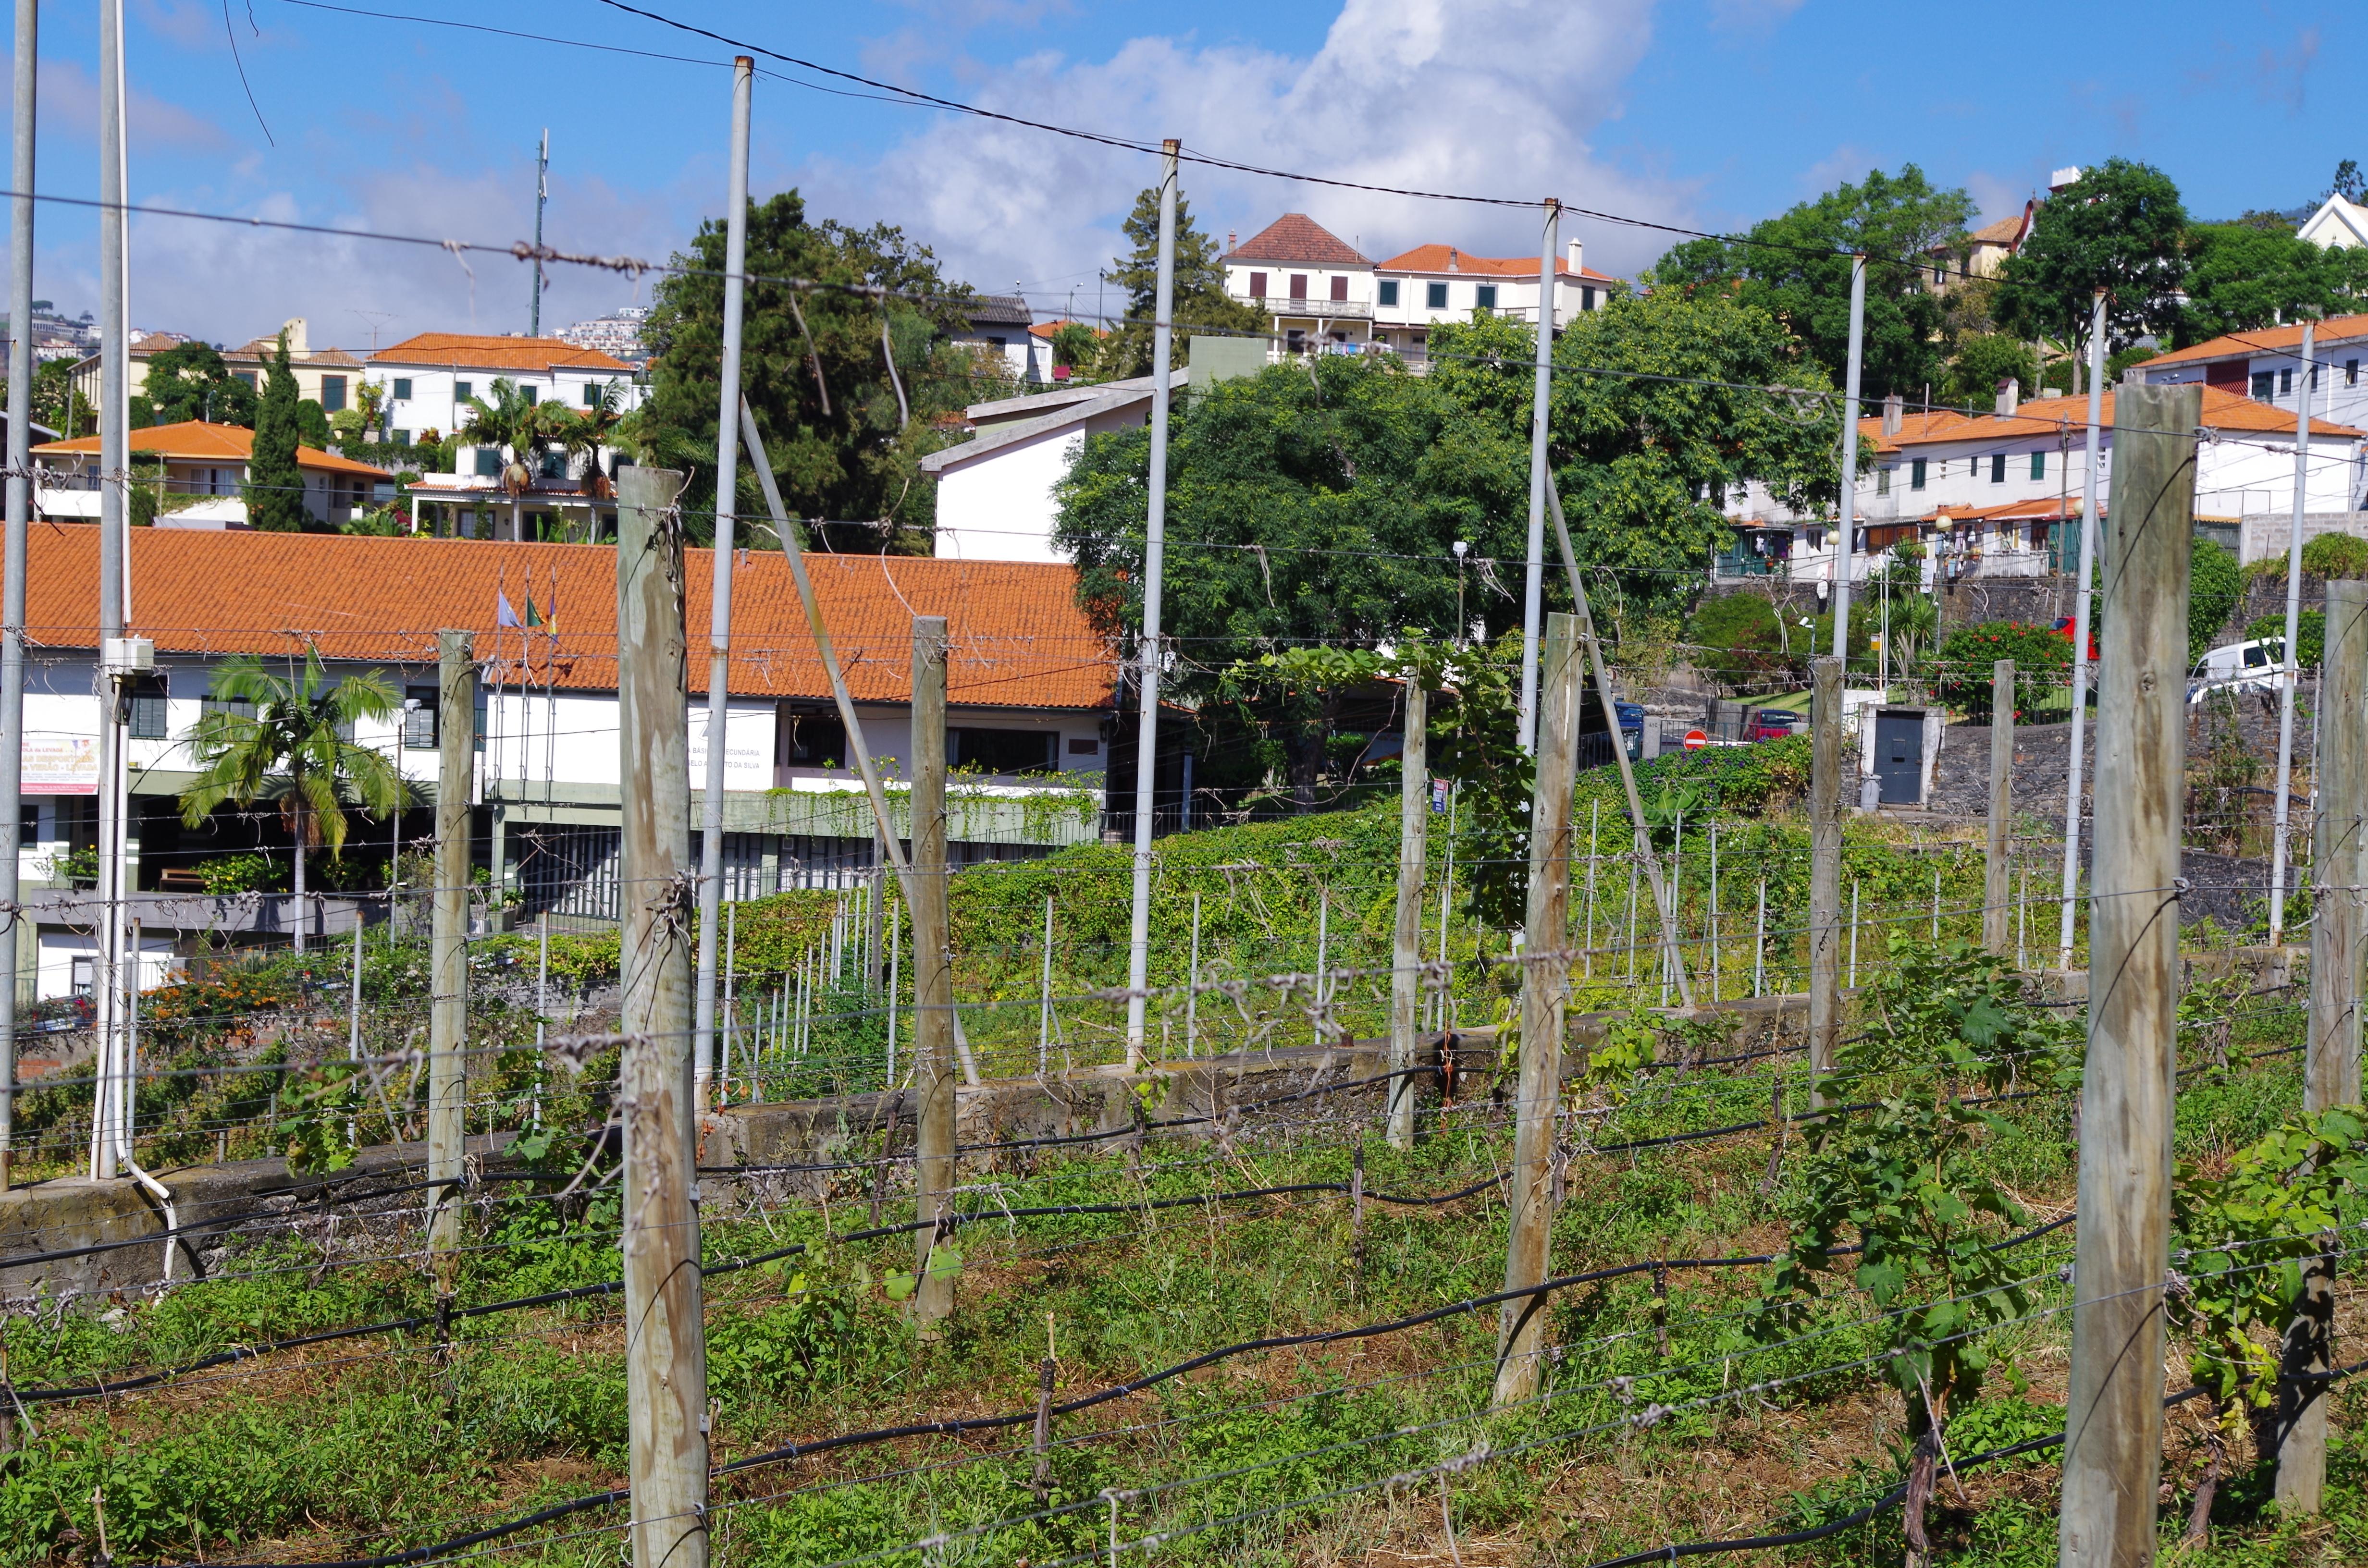 Blandy's vineyard in Funchal